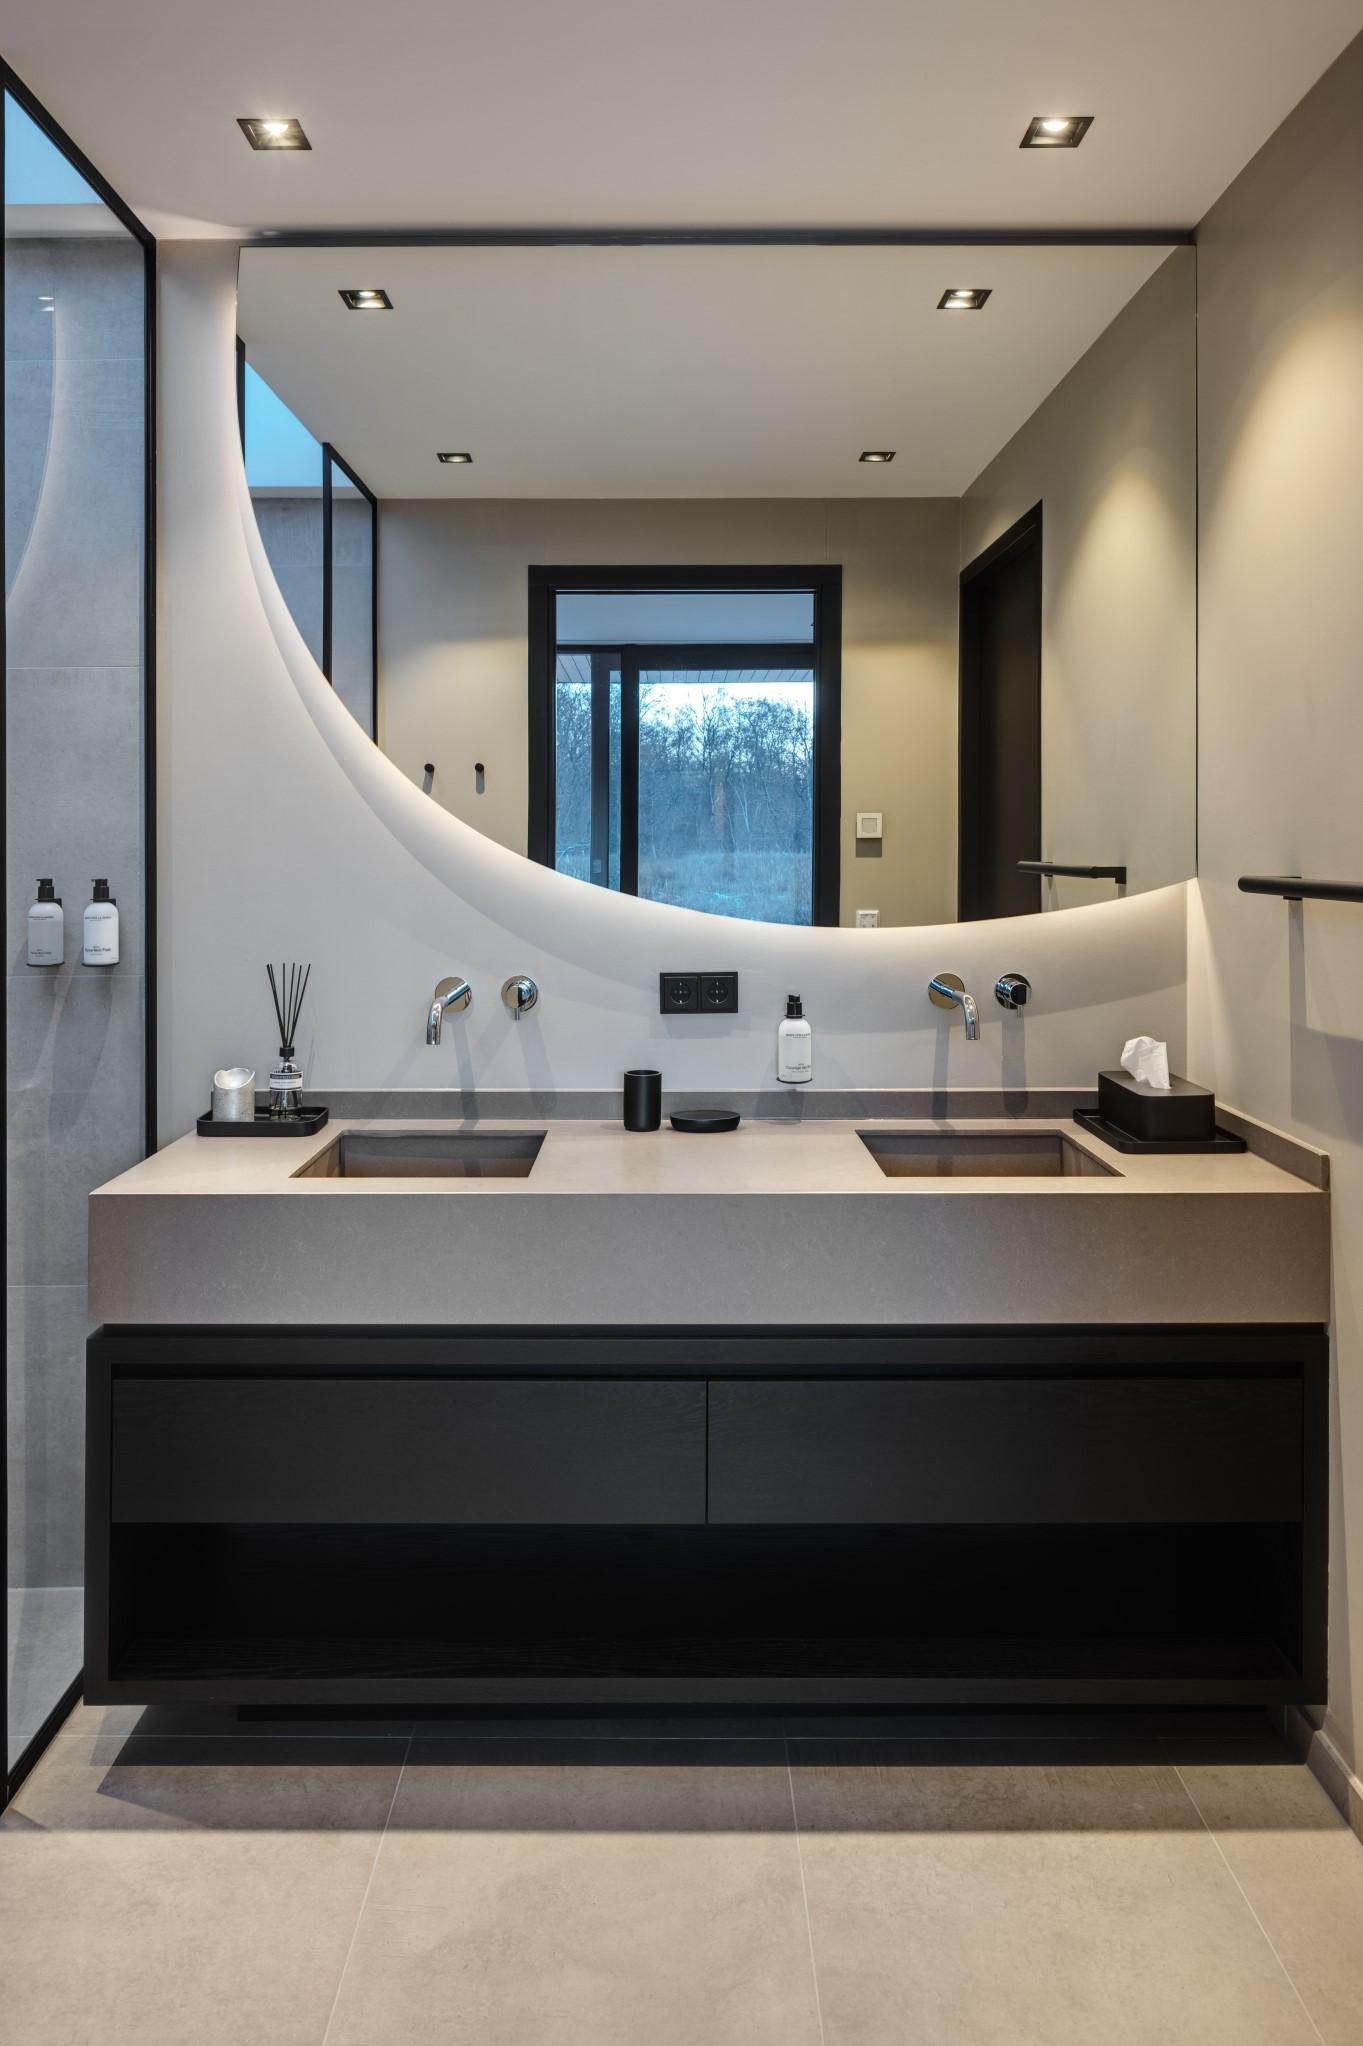 Badkamer van Haven Lake Village in Kortenhoef ontwerp door interieurarchitect Maxim Winkelaar.